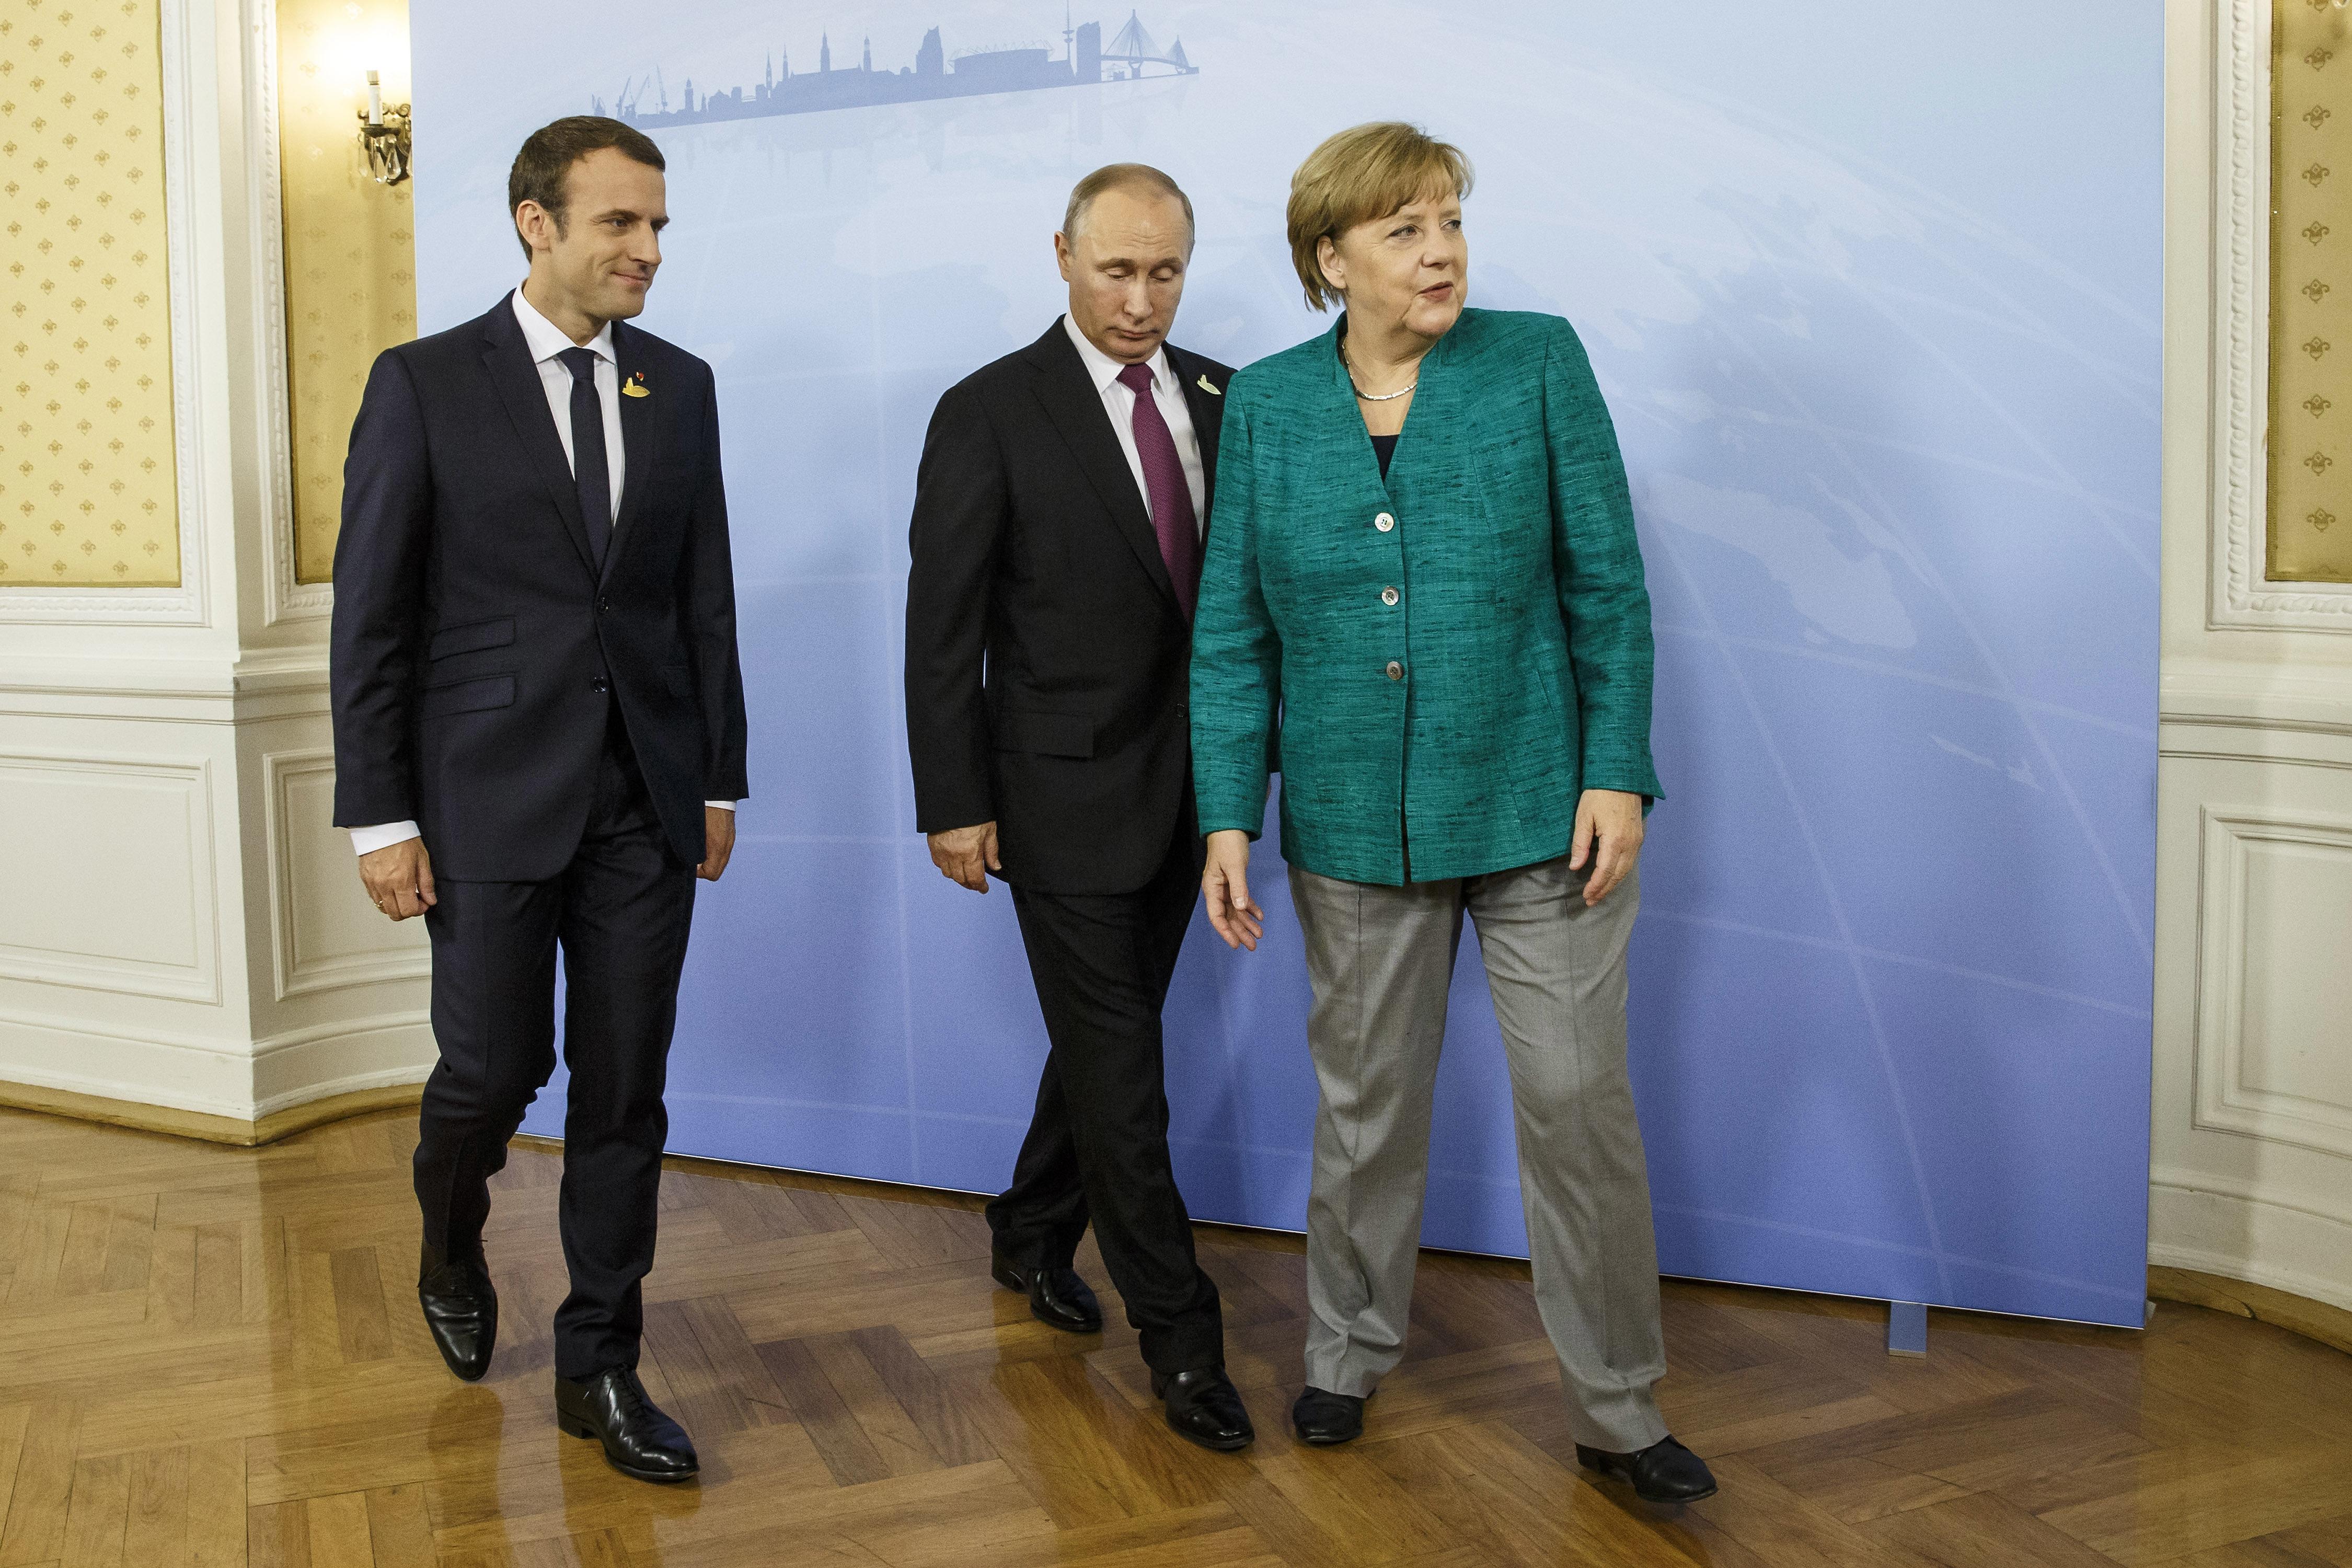 Analitičari smatraju da bi Makron i Merkelova mogli podržati Putina u pregovorima